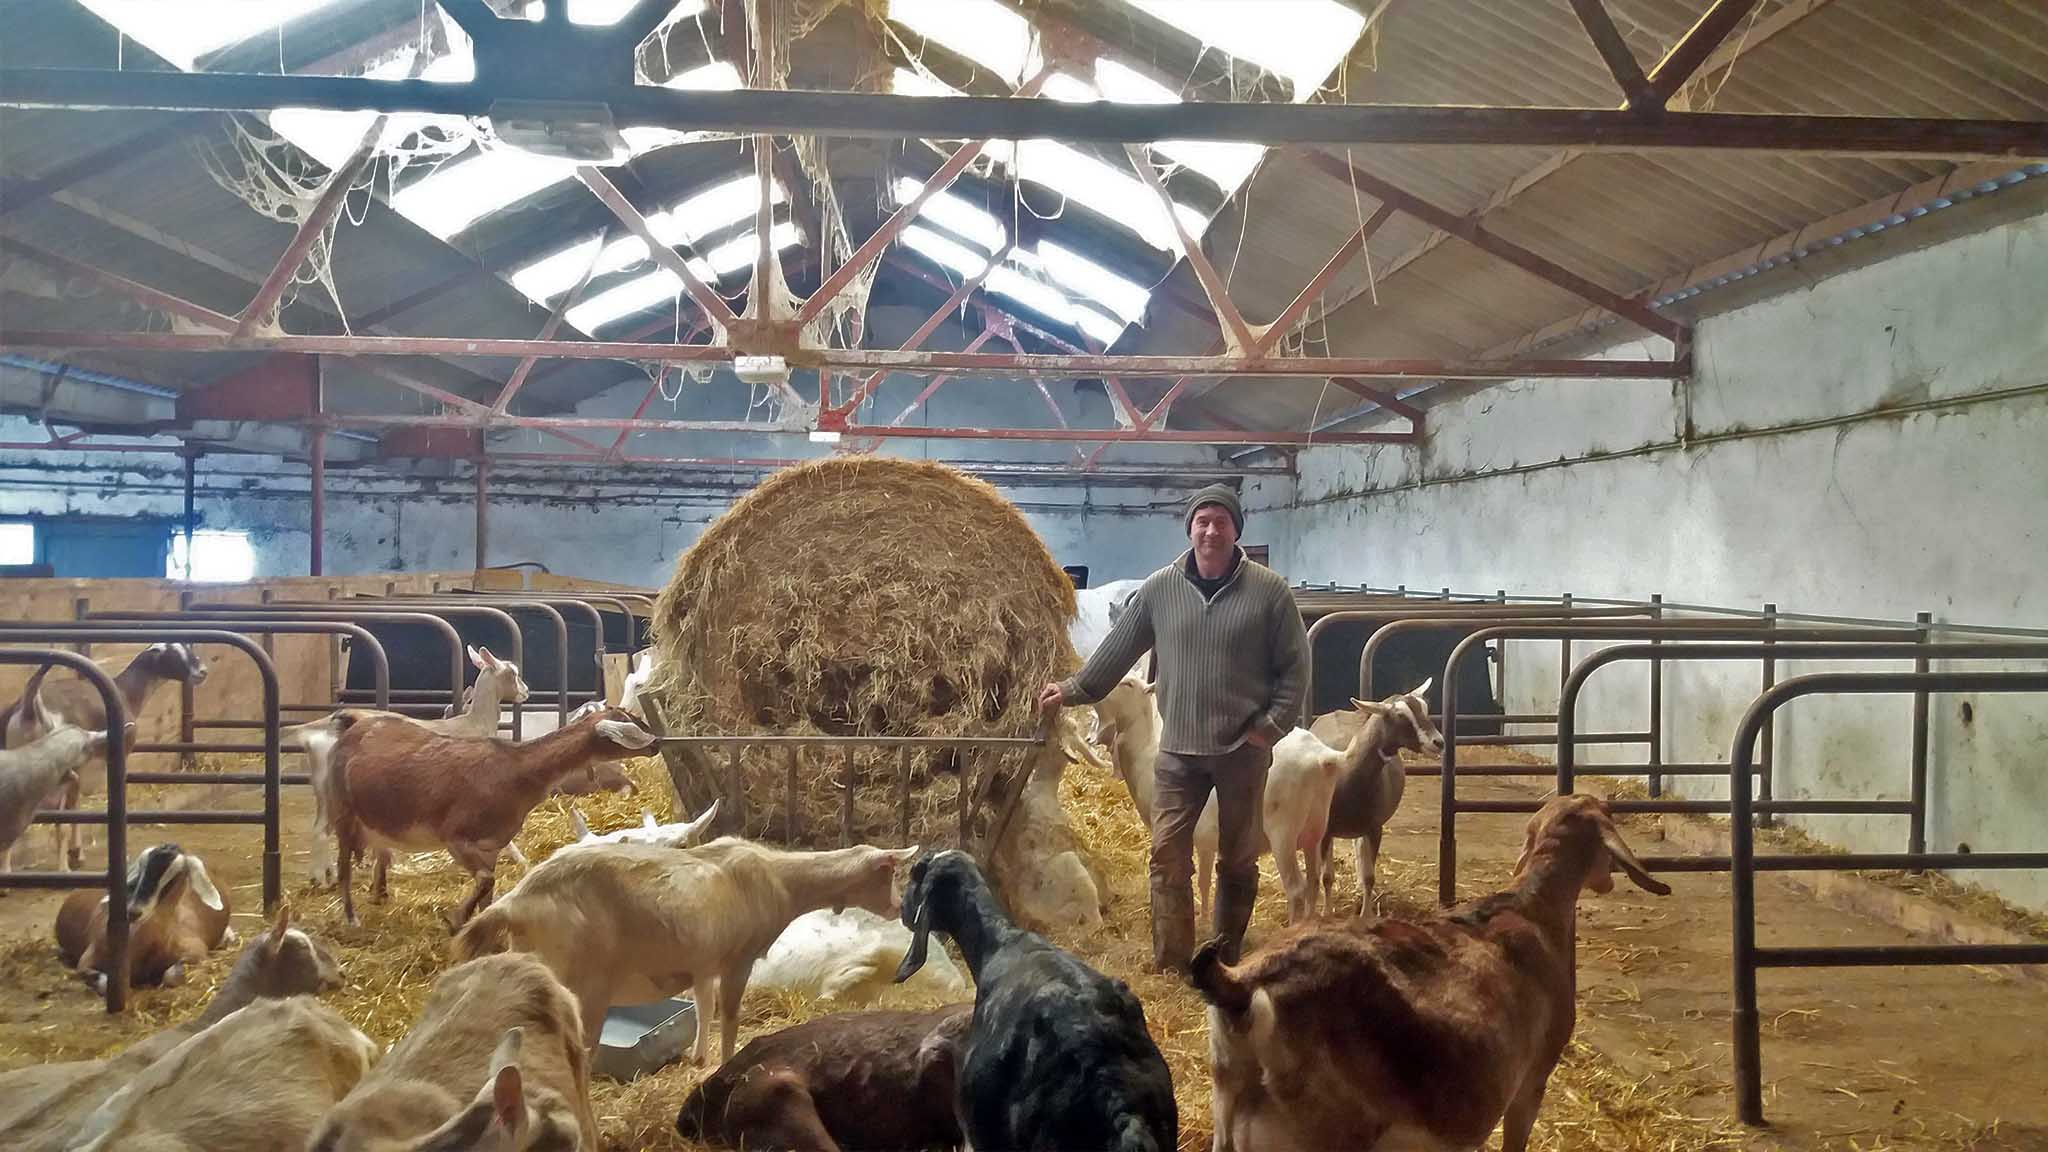 Jon Perkin and his goats at Dartington Dairy